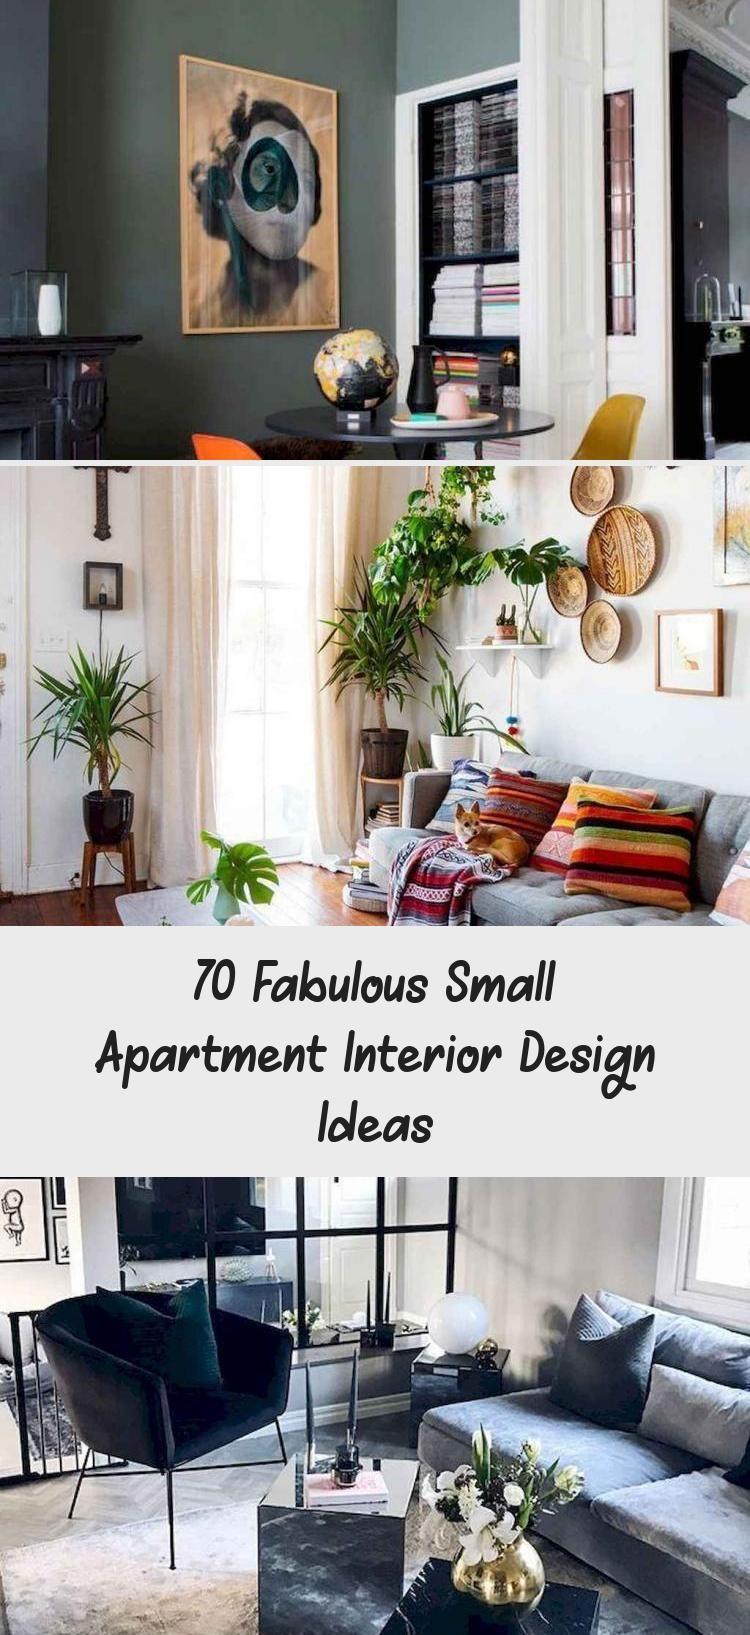 70 Fabulous Small Apartment Interior Design Ideas Home Decor Fabulous Sma Interior Design Apartment Small Small Apartment Interior Apartment Interior Design